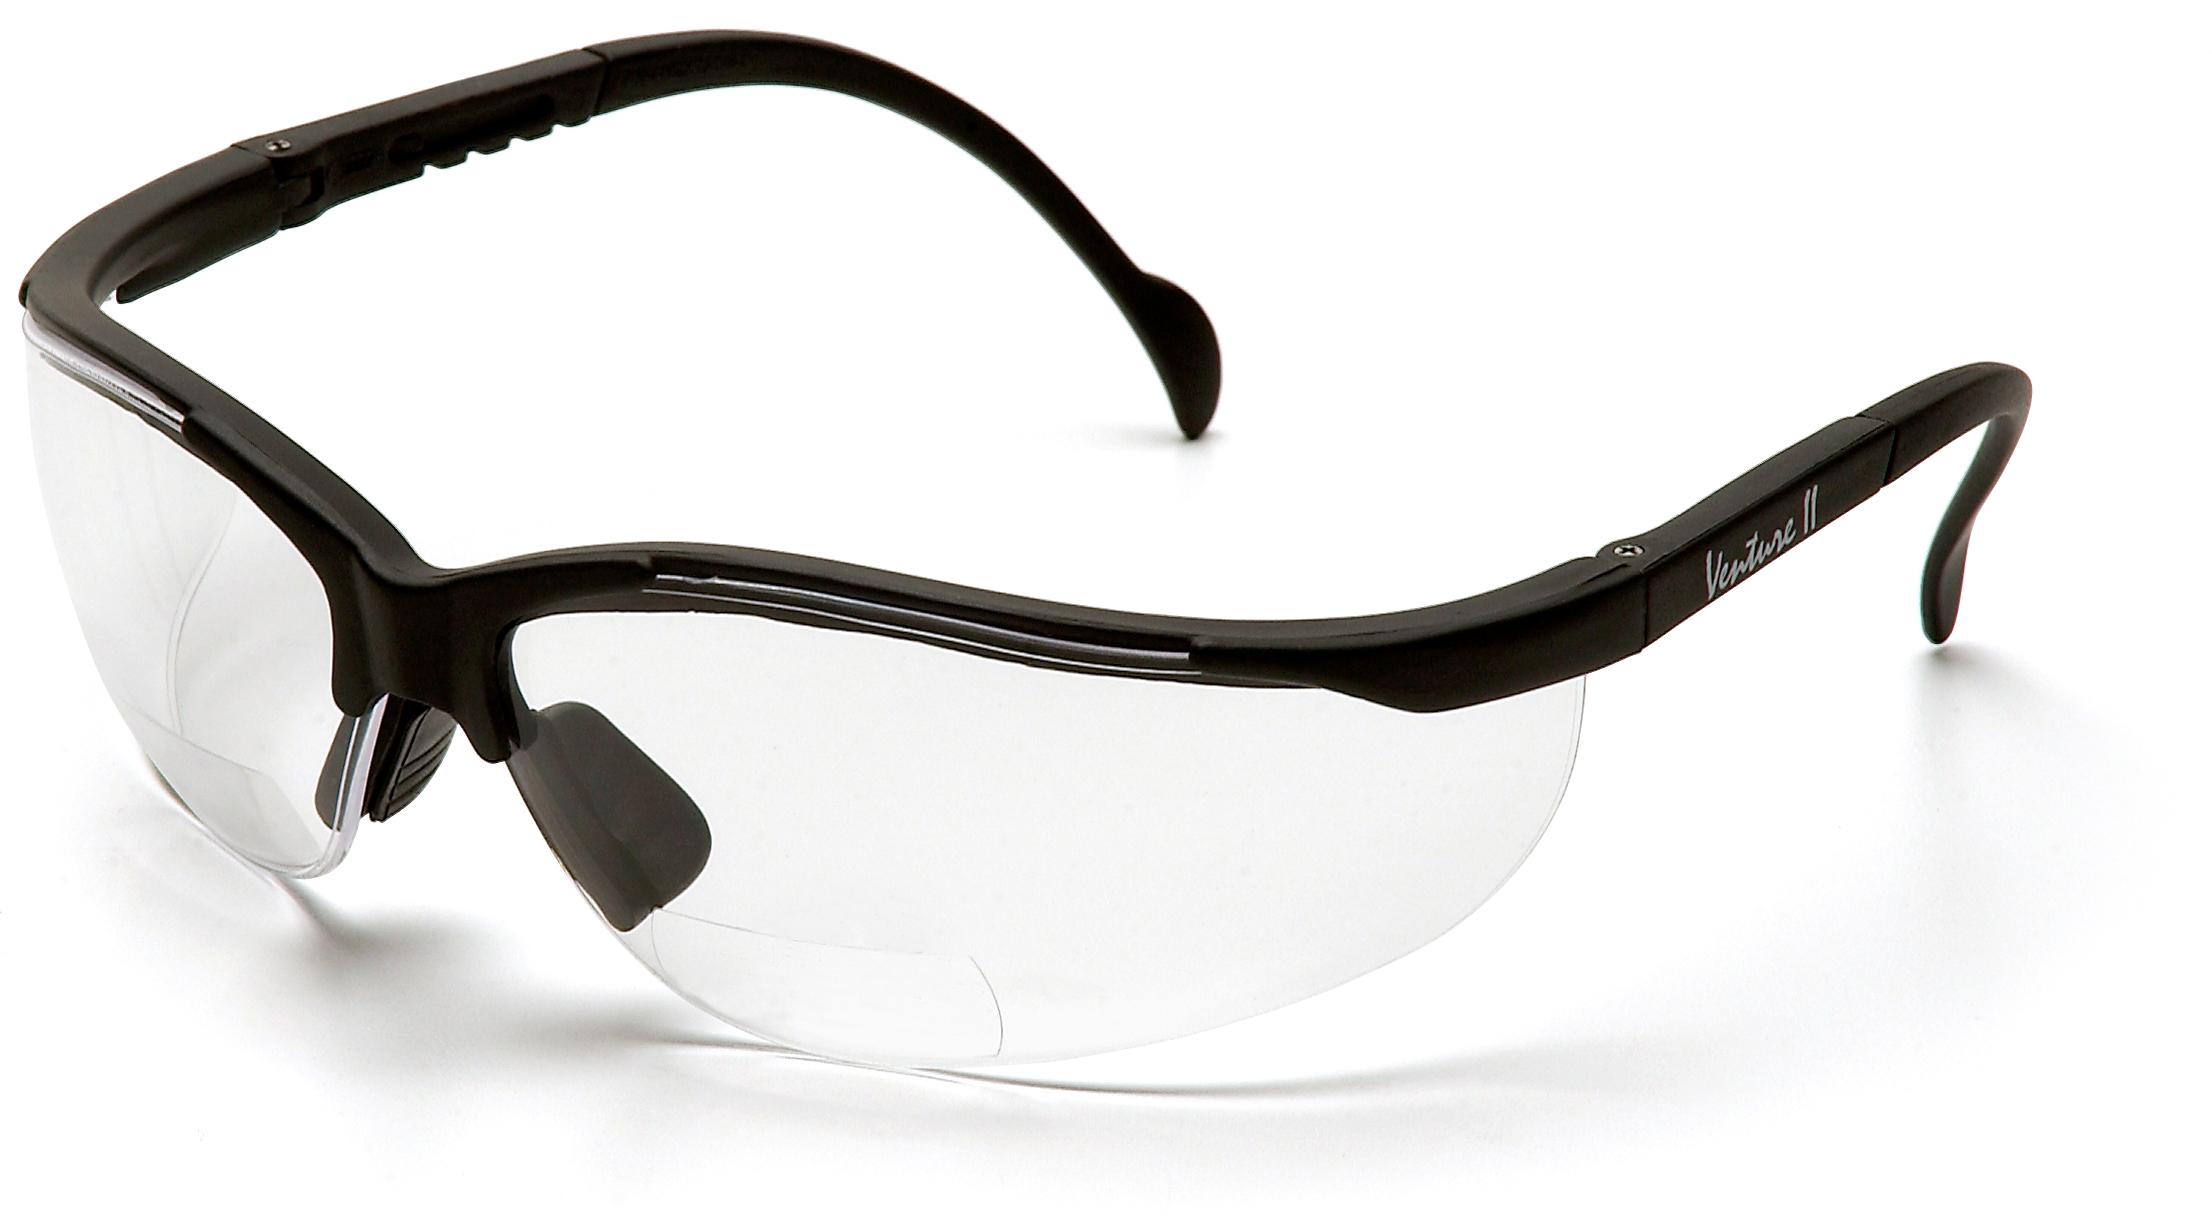 clevisto der gesundheitsschutz versand hilft clever sch tzen schutzbrille f r weitsichtige. Black Bedroom Furniture Sets. Home Design Ideas